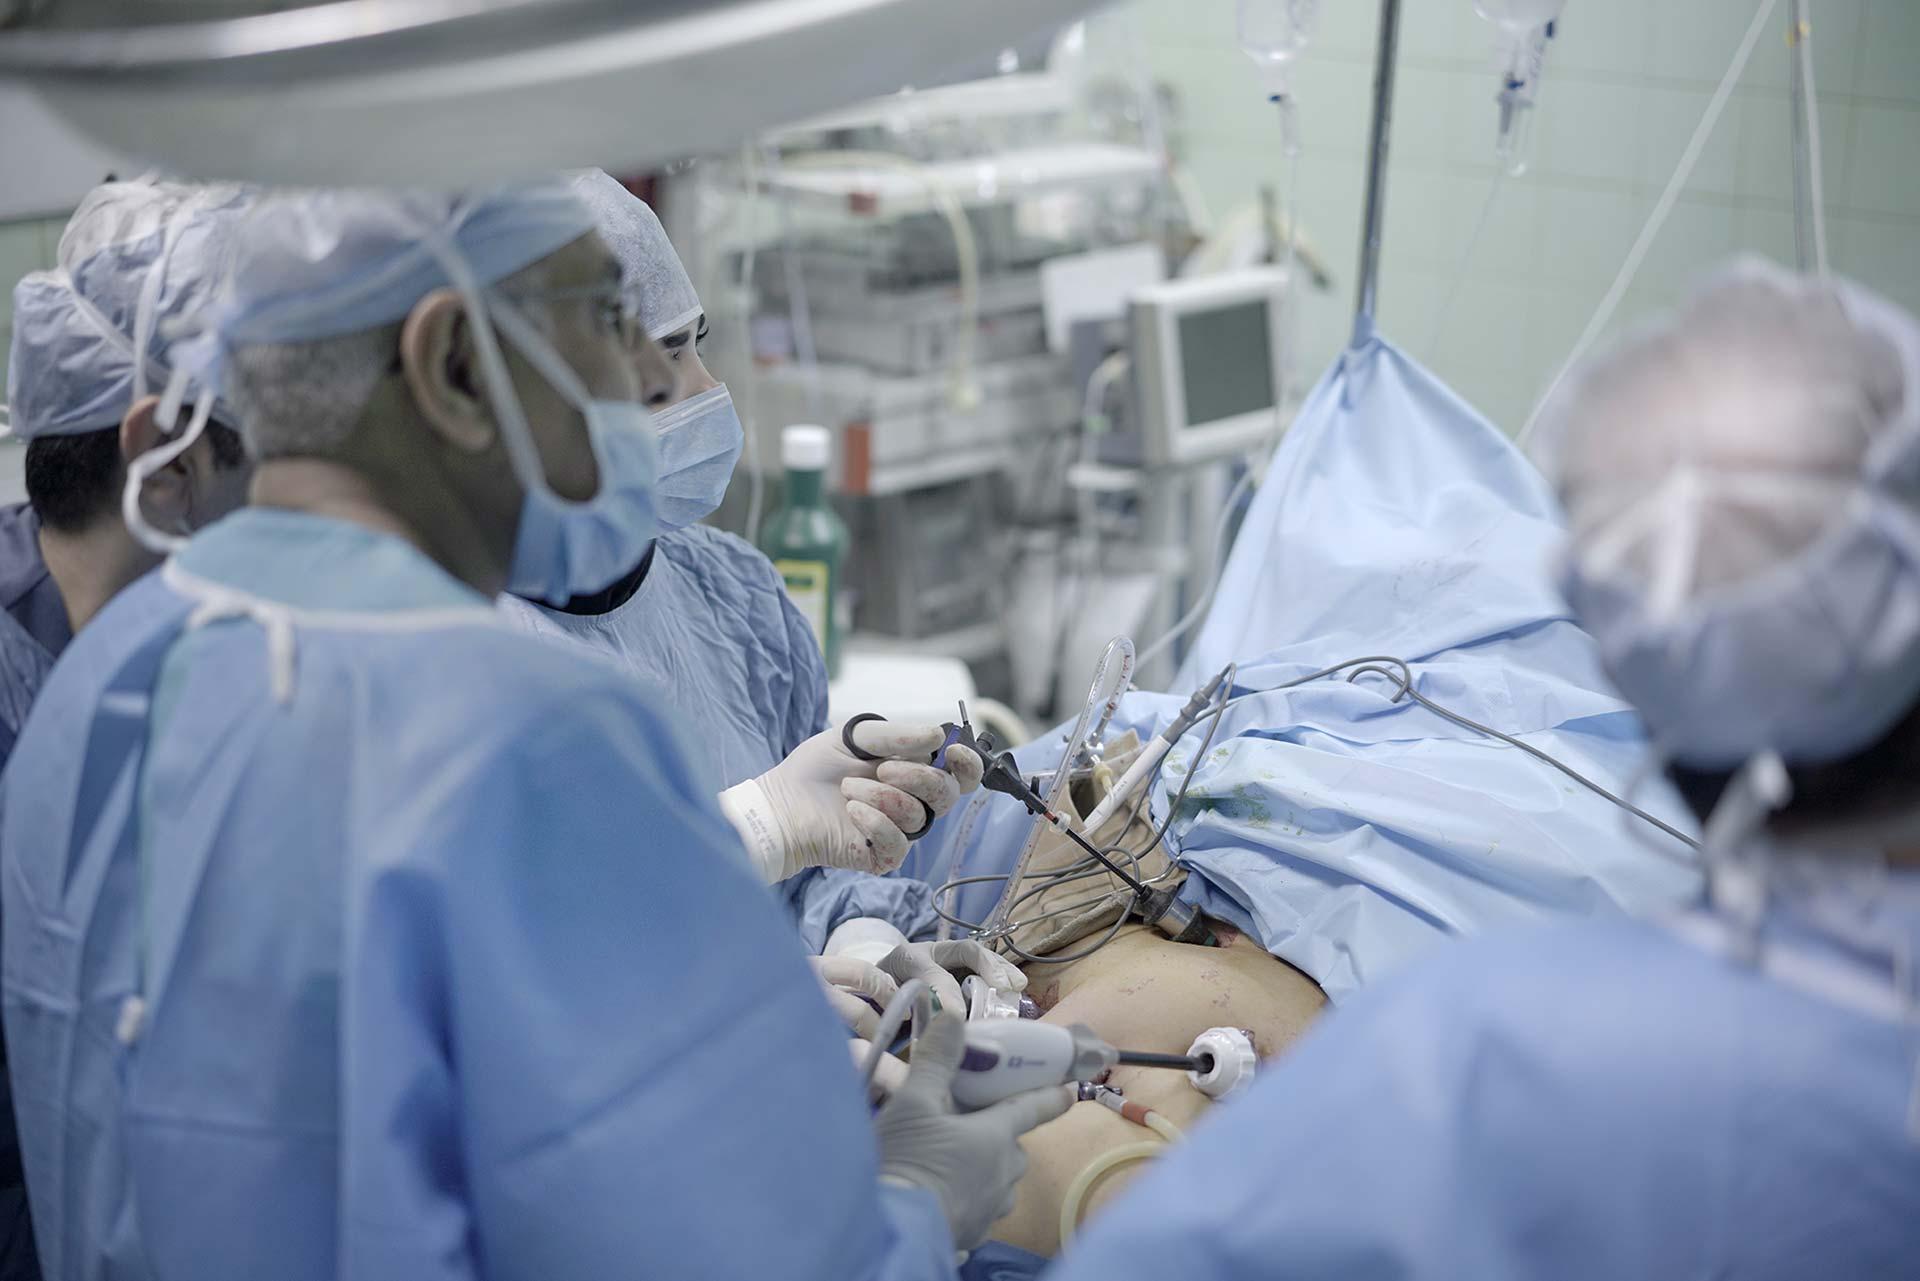 اتاق عمل بیمارستان بسکی